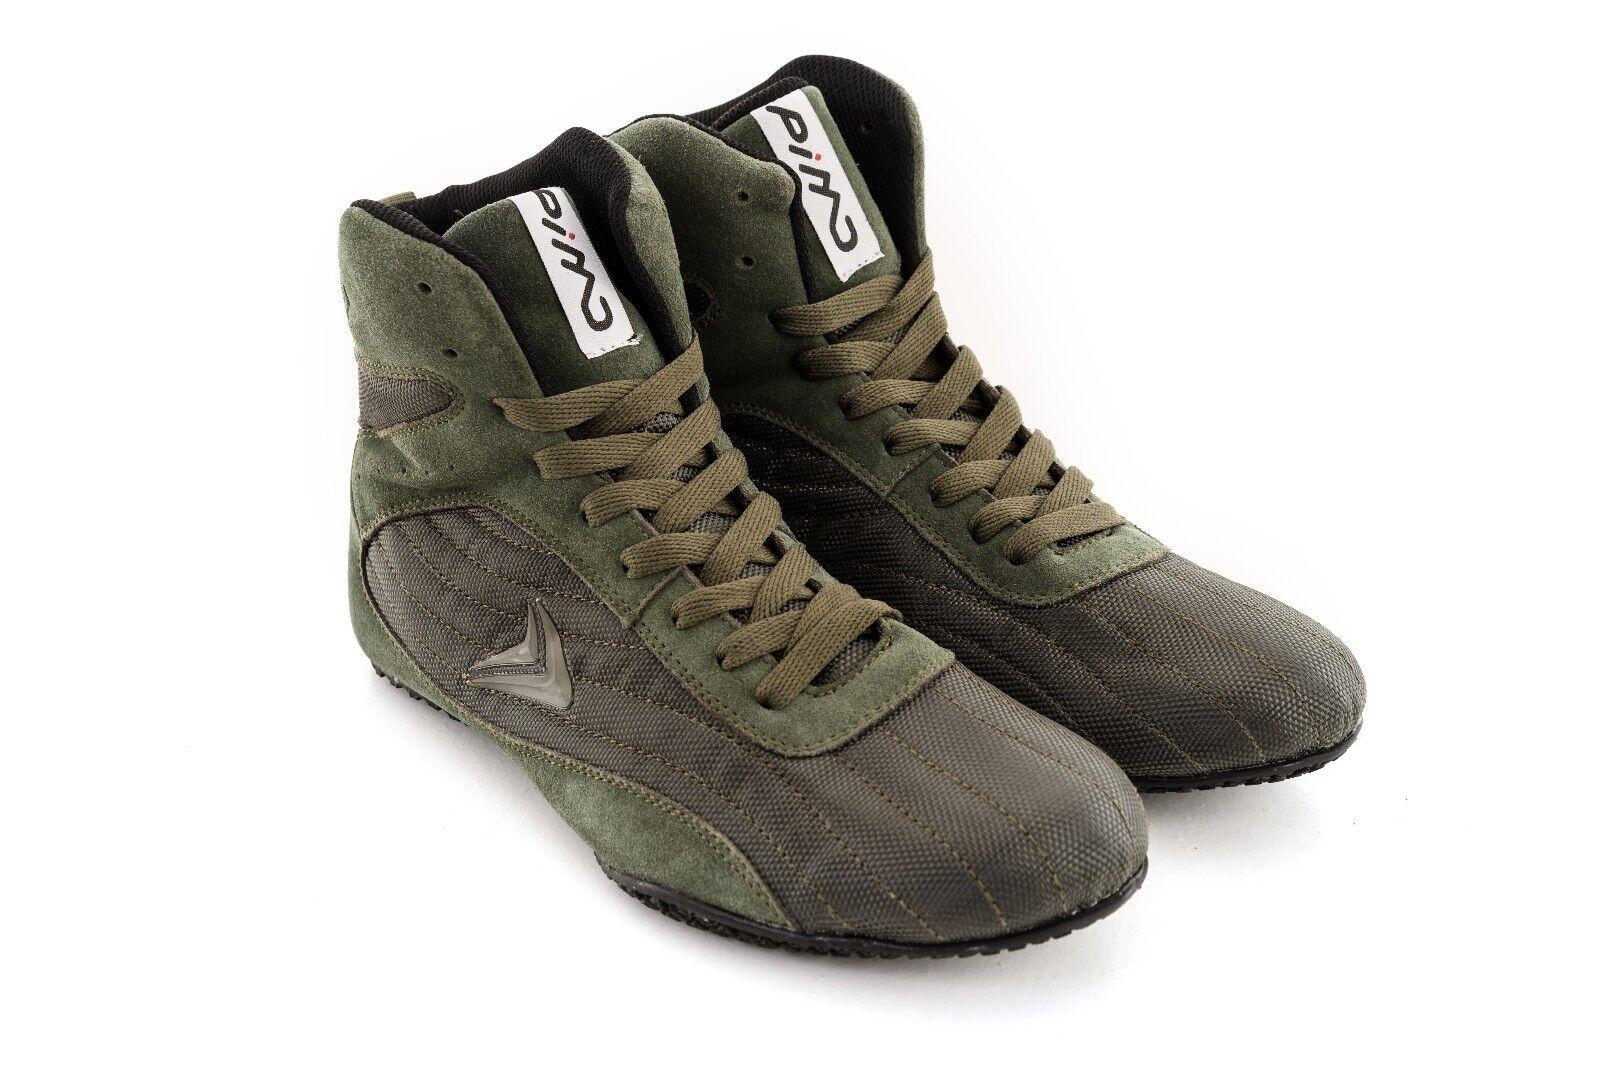 PIMD Khaki Khaki Khaki X-CORE V2 Scarpe Da Ginnastica Stivali alti Formazione Top Bodybuilding Boxe MMA 19a3b8